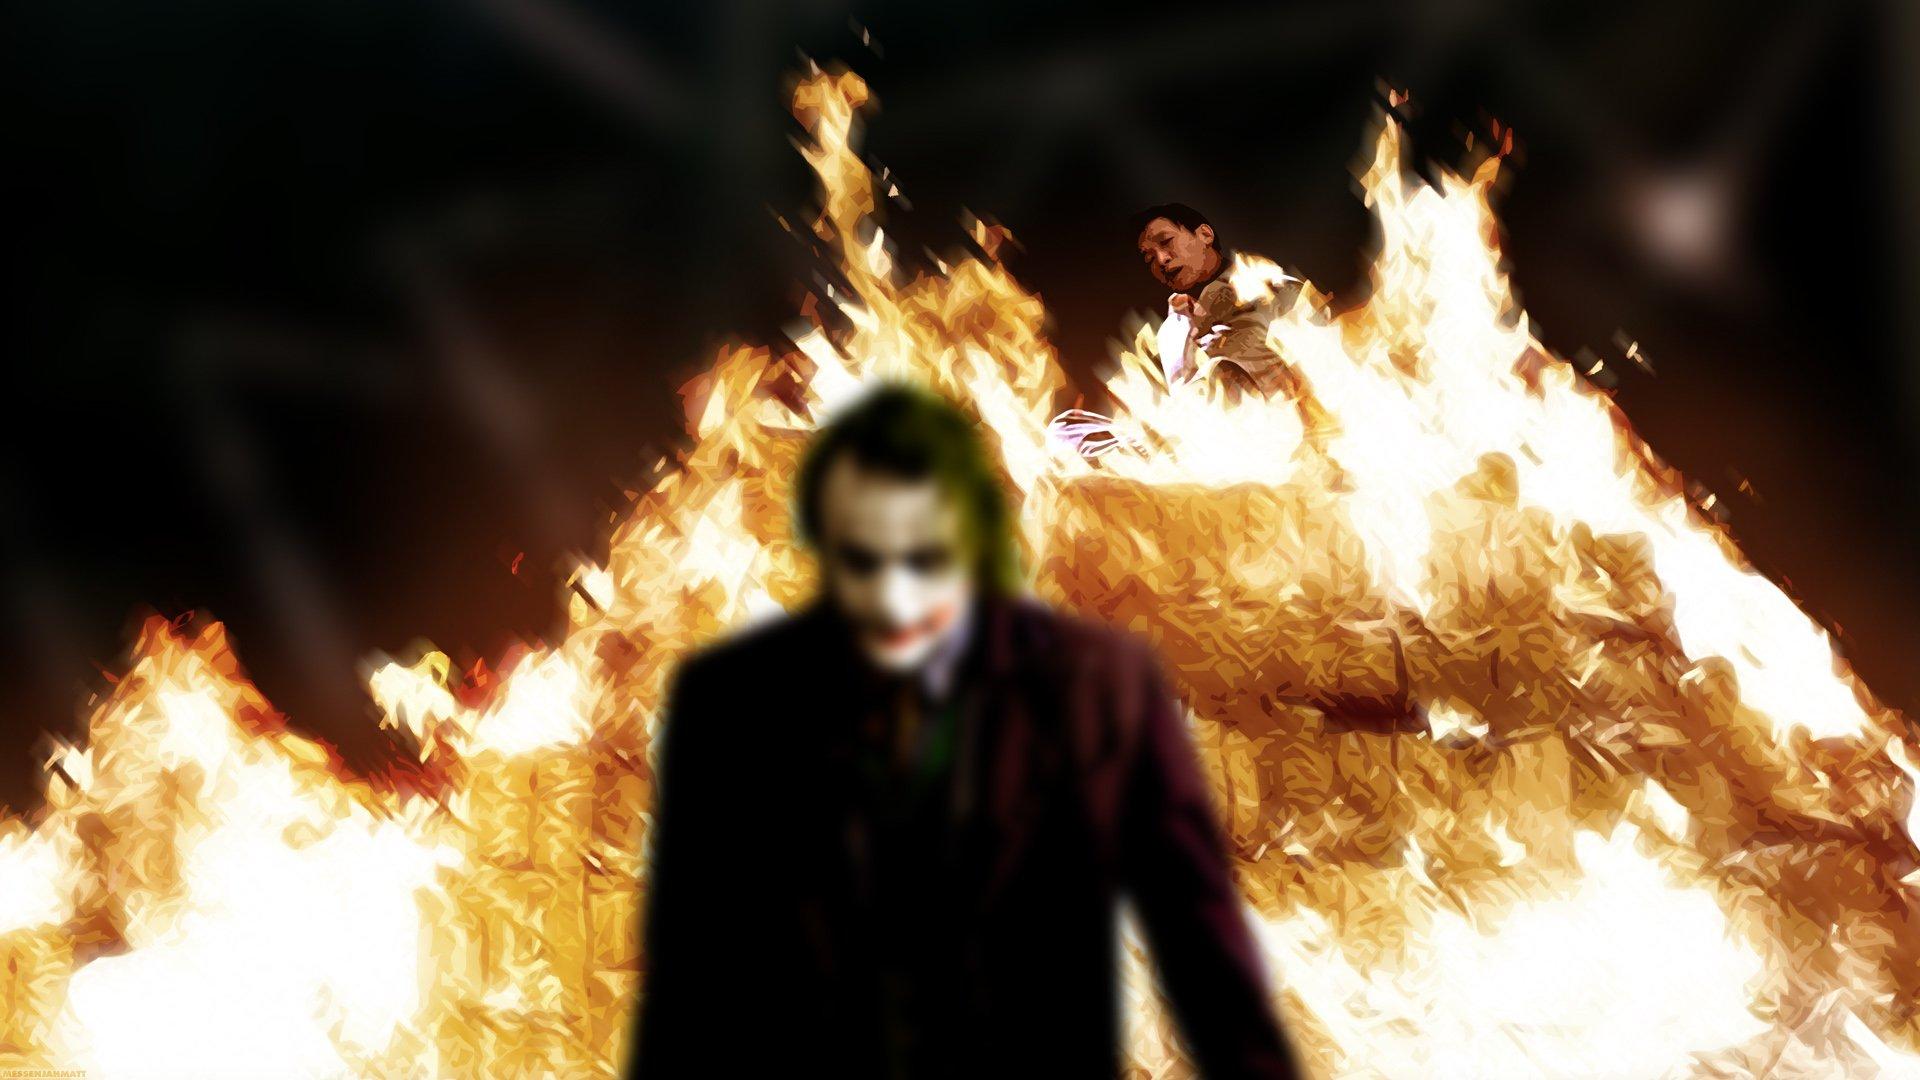 Joker Quotes Iphone Wallpaper Batman O Cavaleiro Das Trevas Papel De Parede Hd Plano